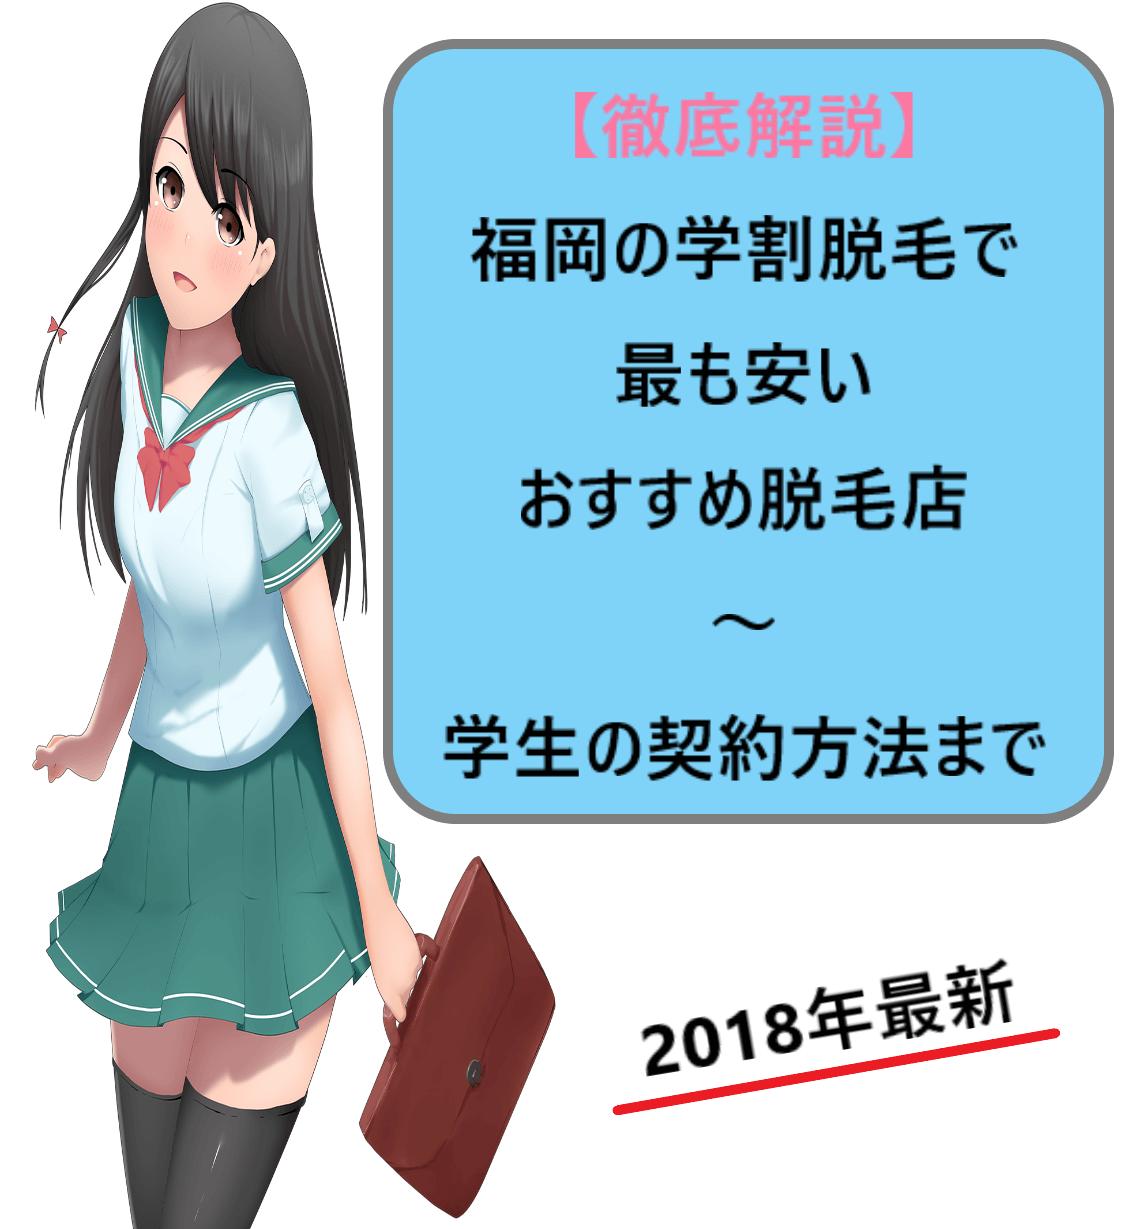 福岡の学割脱毛で最も安いおすすめ脱毛店~学生の契約方法まで徹底解説2018年と女性の学生がいる横に書かれている画像